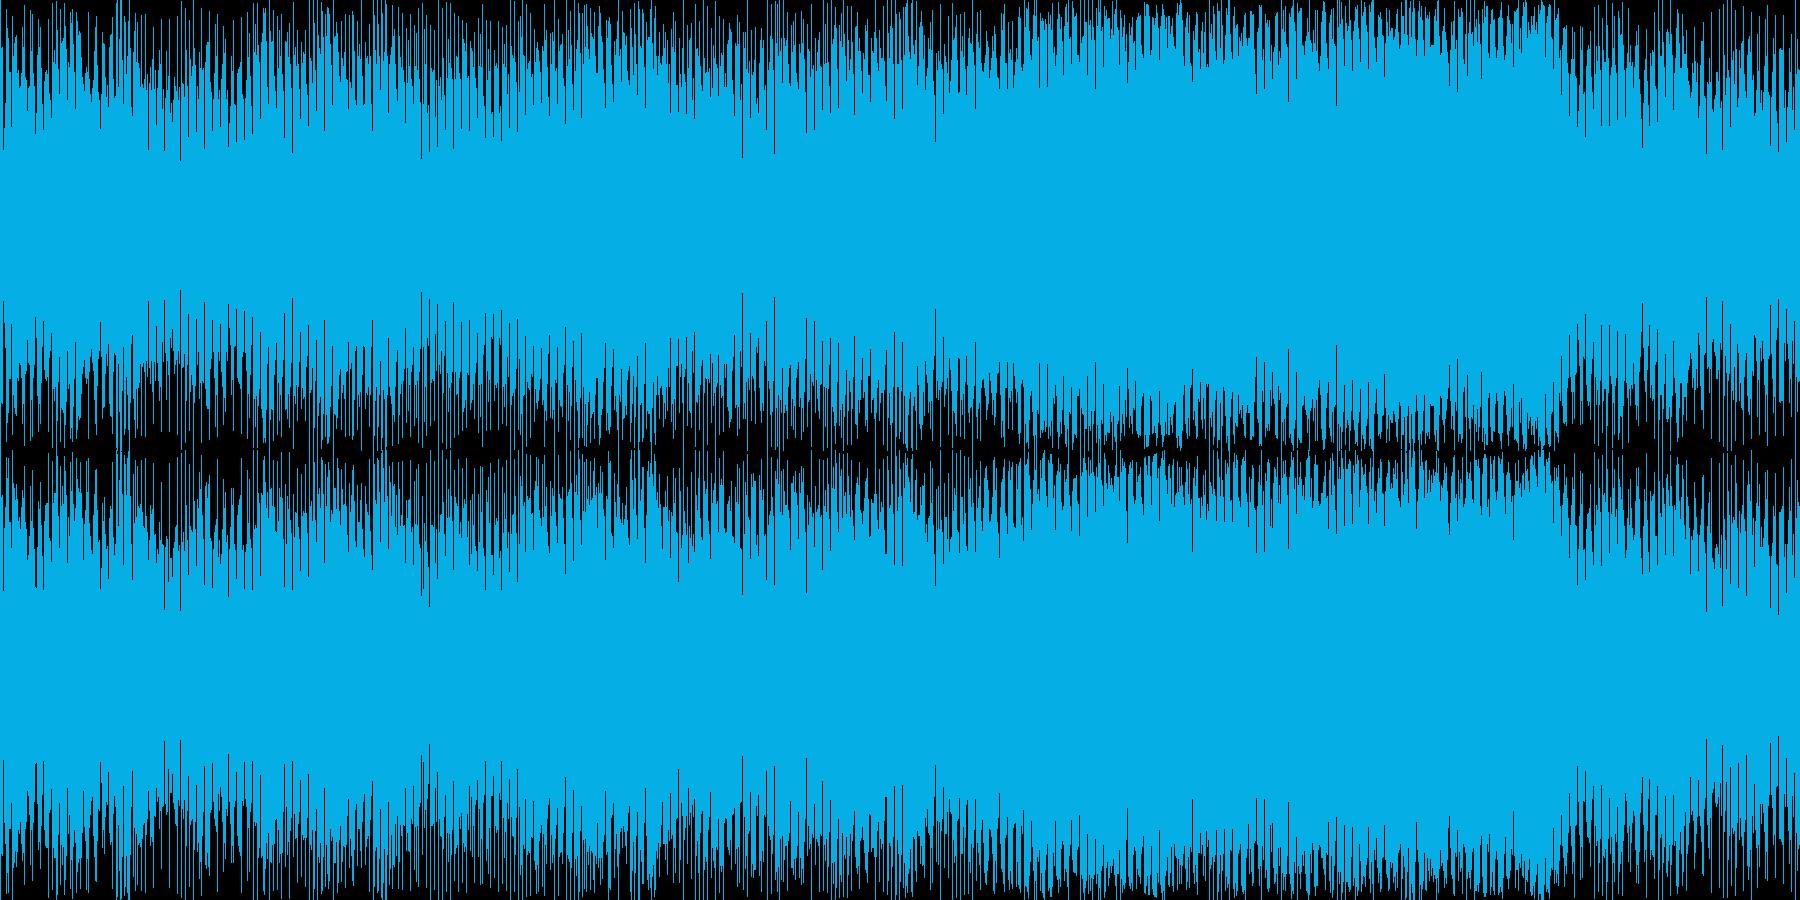 トランシーで少し怪しい感じのEDMの再生済みの波形